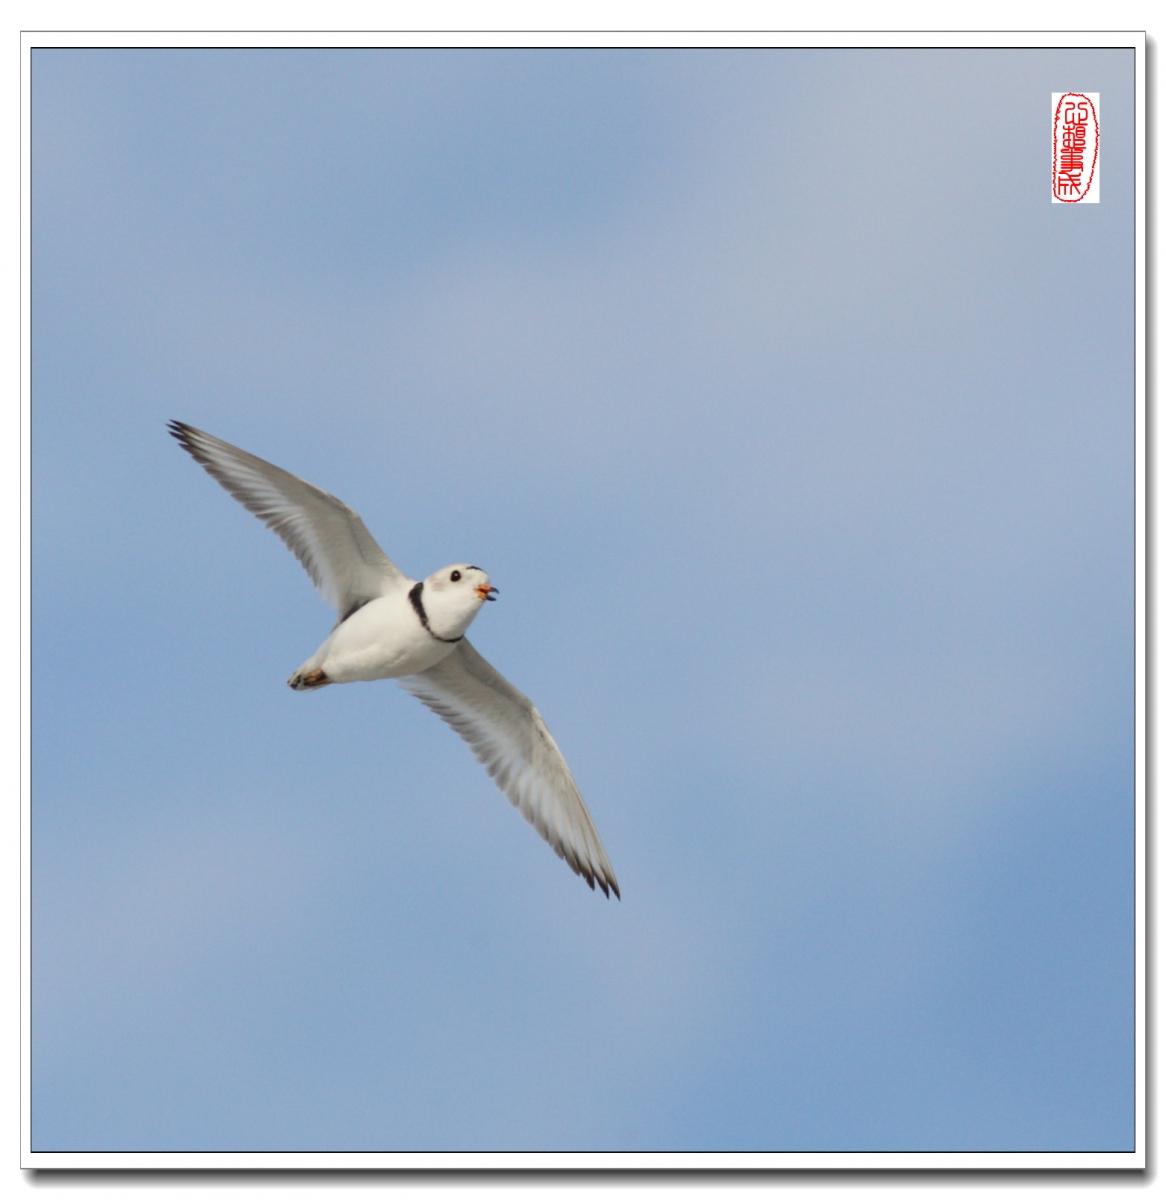 【心想事成】 飞鸟随拍图之二_图1-4